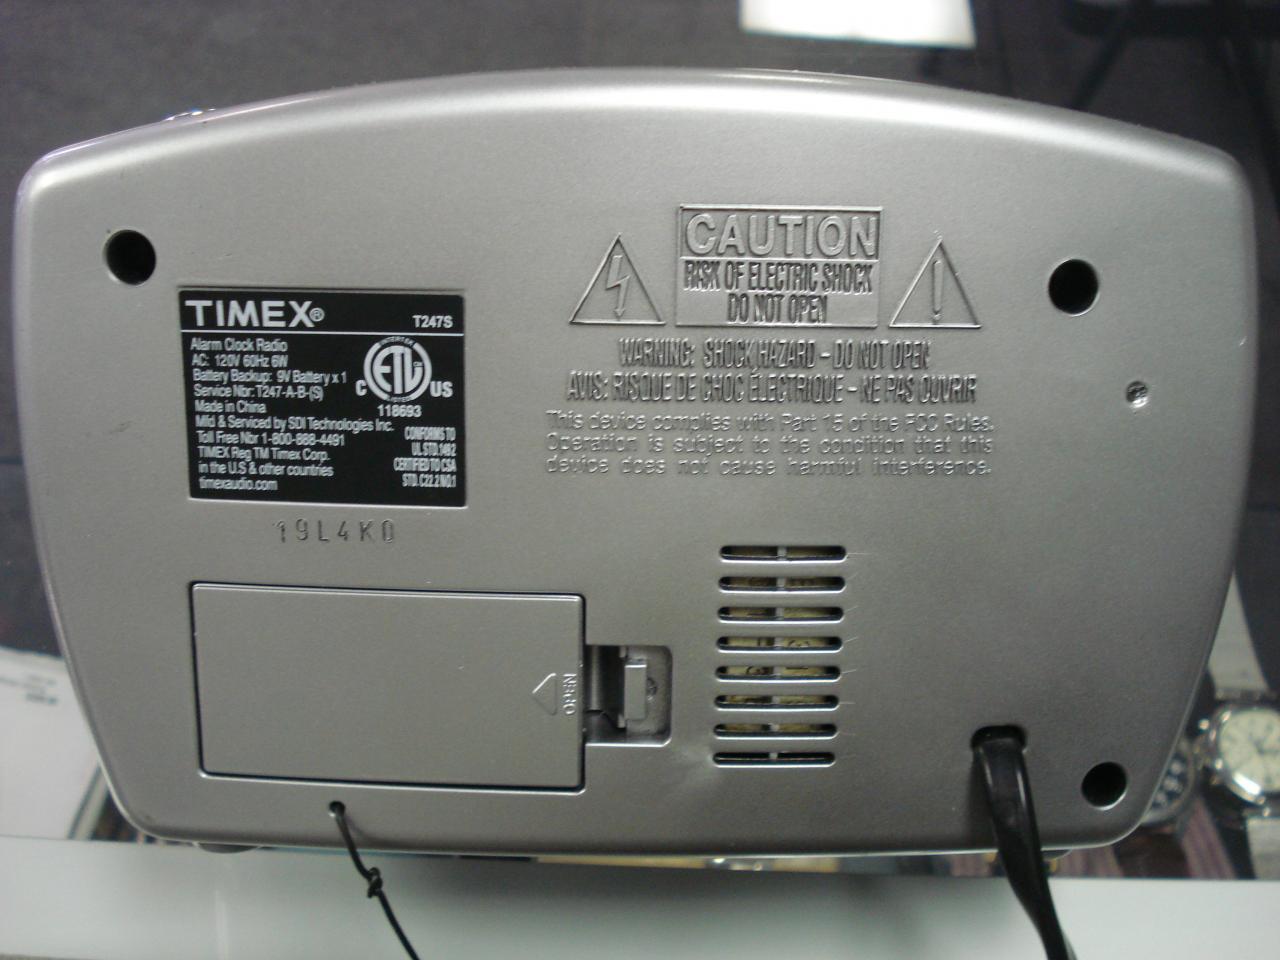 timex retro digital am fm alarm clock radio model t247s battery backup images hosted at. Black Bedroom Furniture Sets. Home Design Ideas